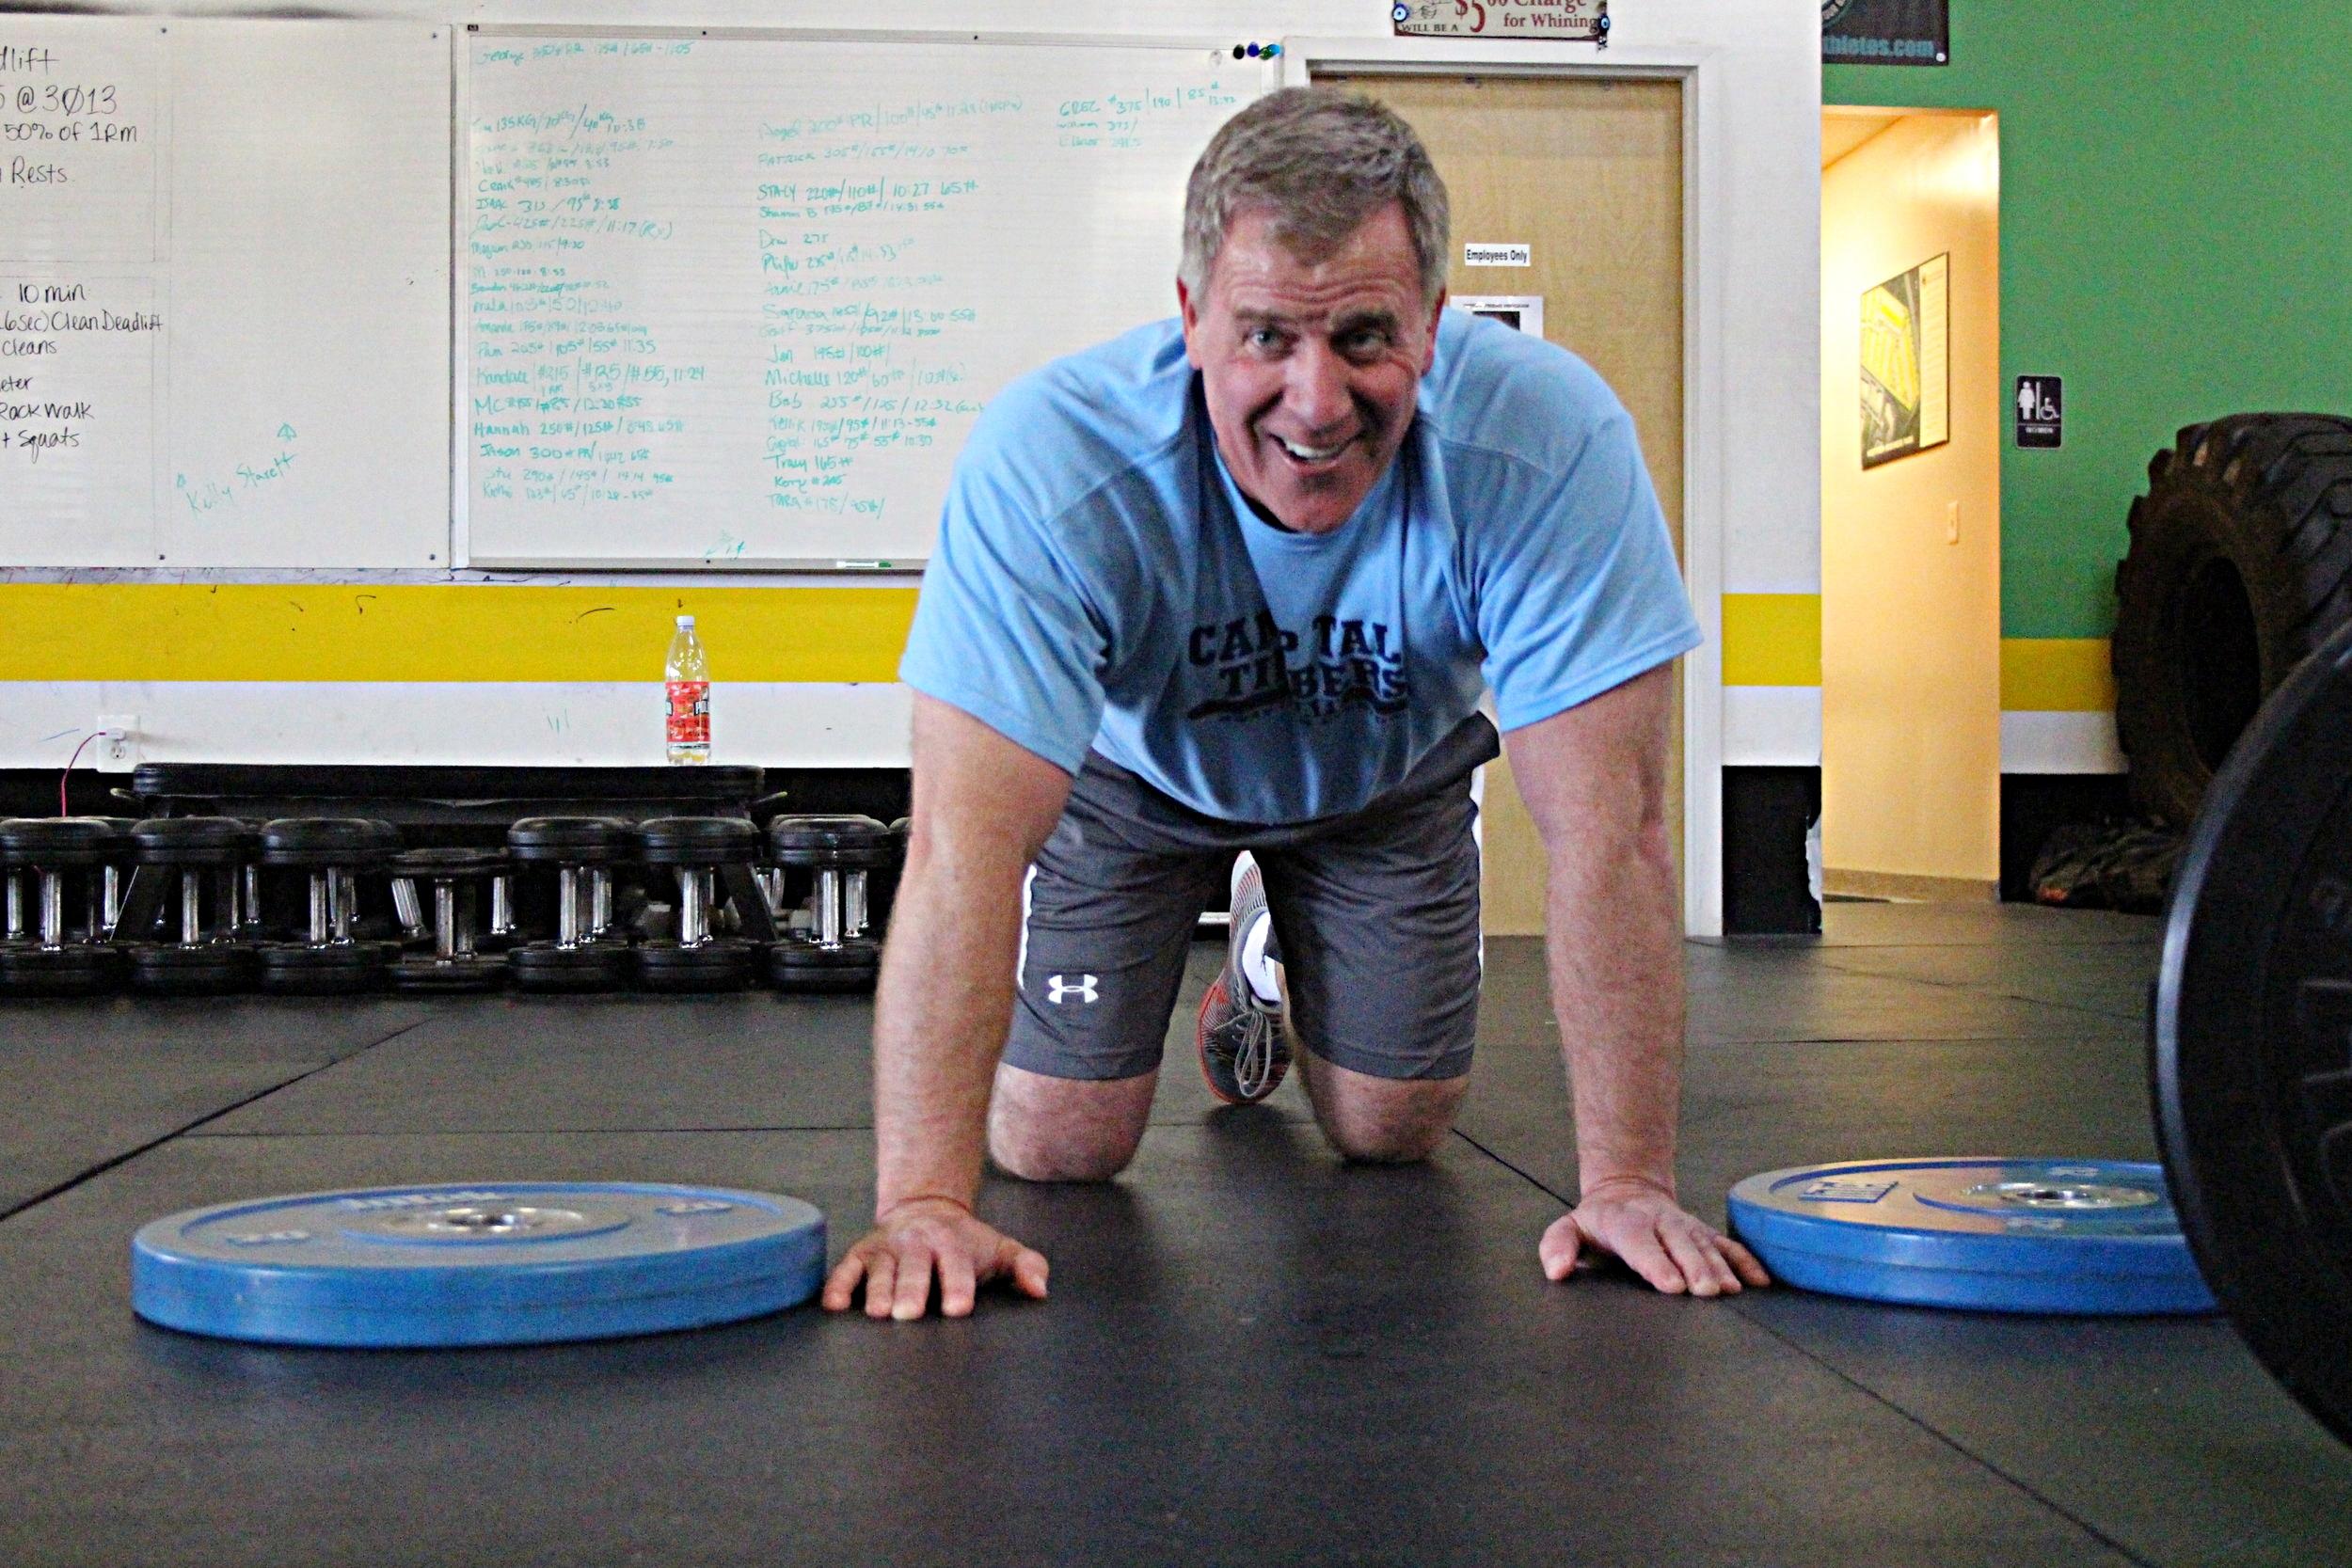 Glenn mid dynamic push-ups.